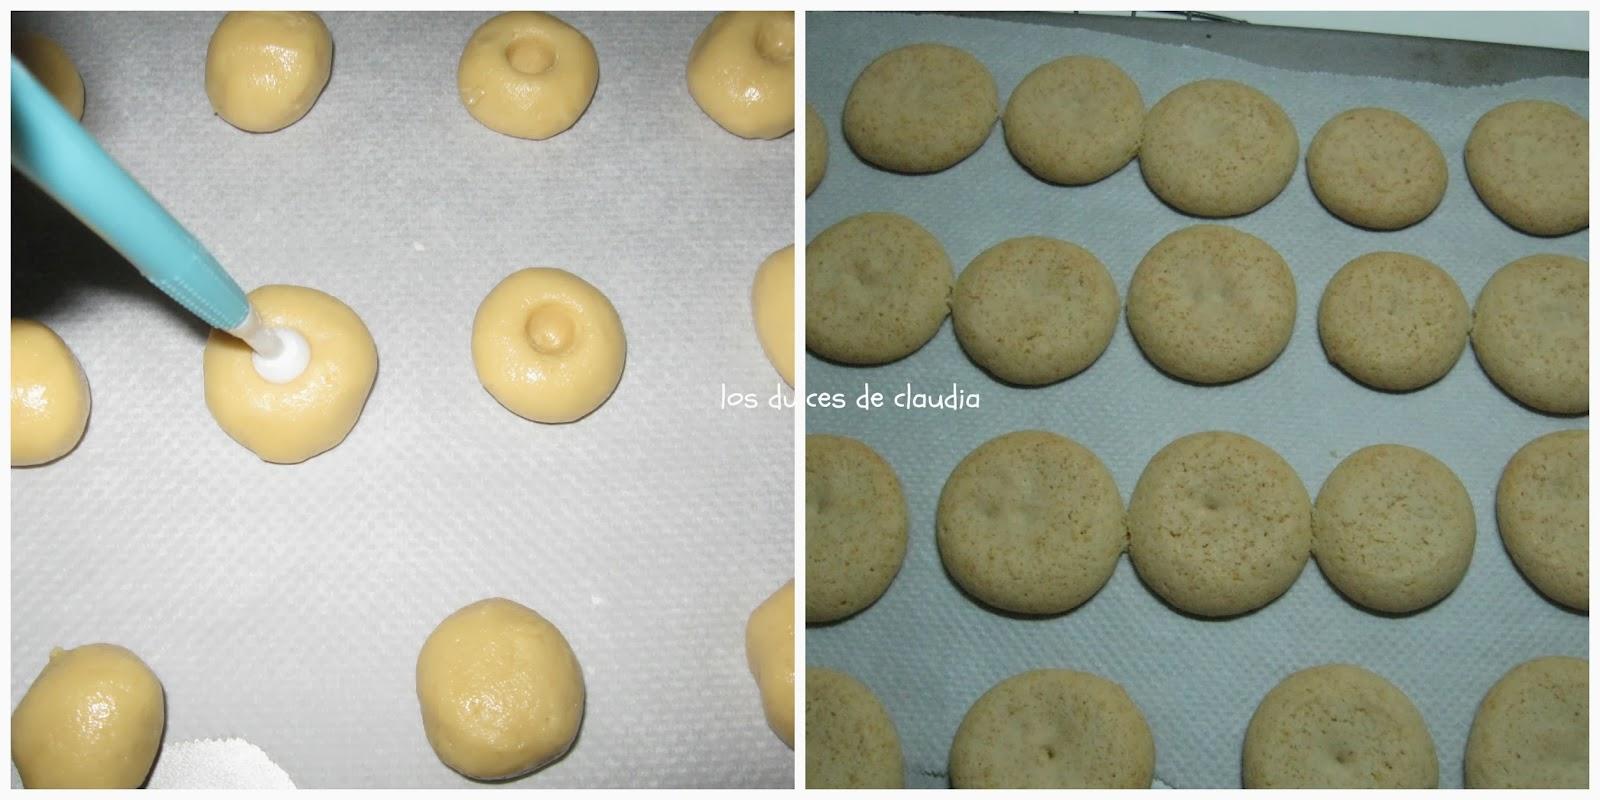 galletas con mermelada de fresas